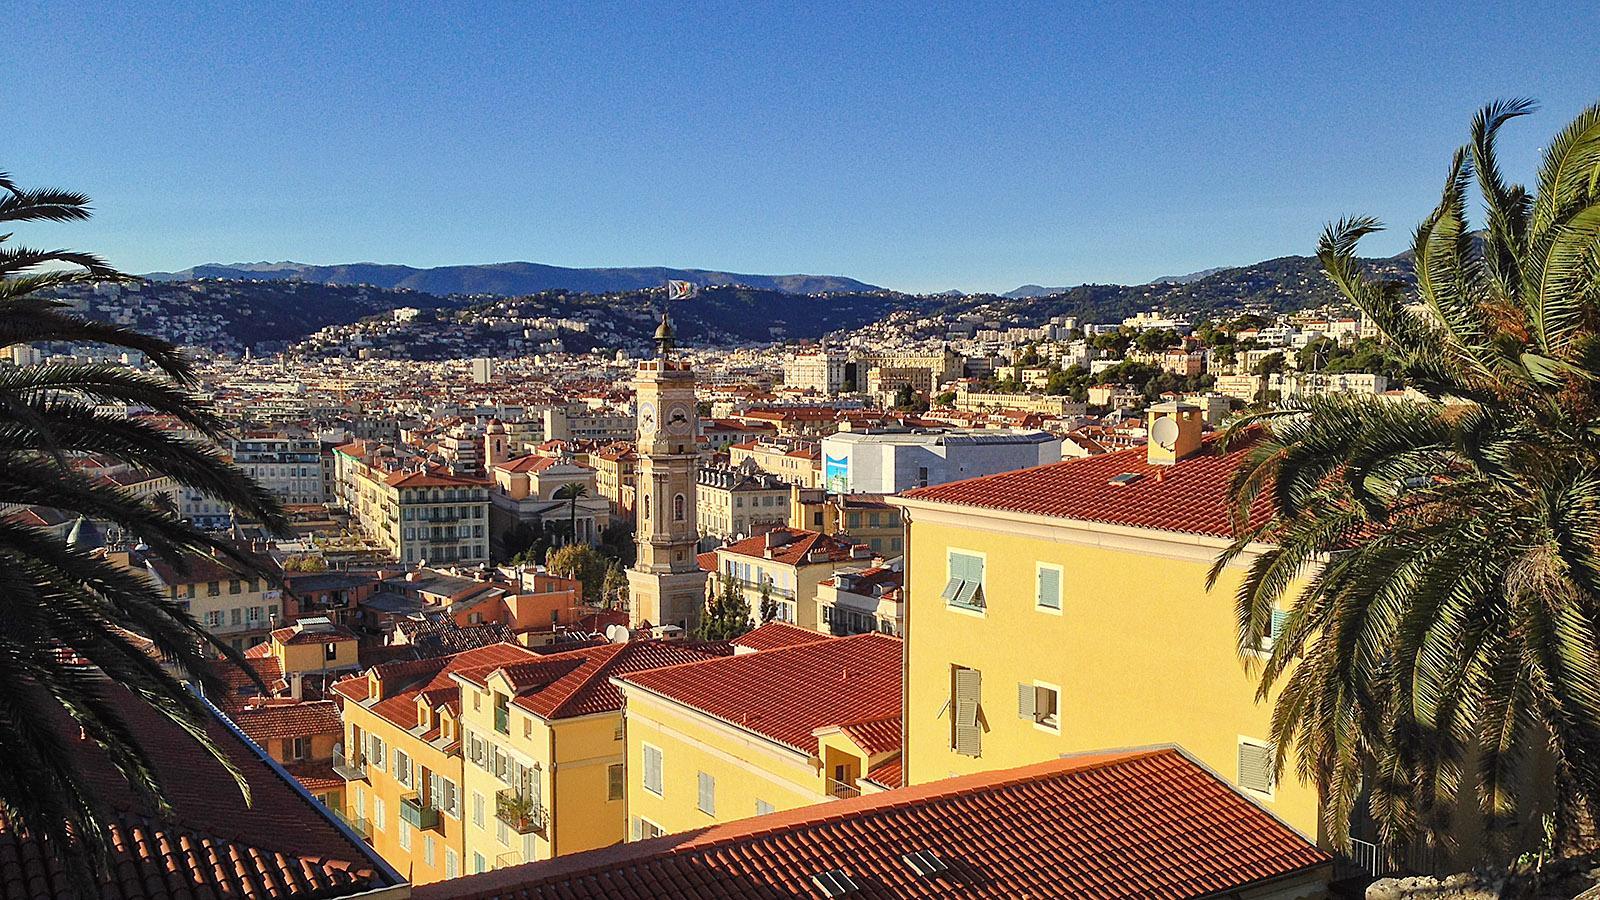 Blick auf die Altstadt vom Schlossberg in Nizza. Foto: Hilke Maunder